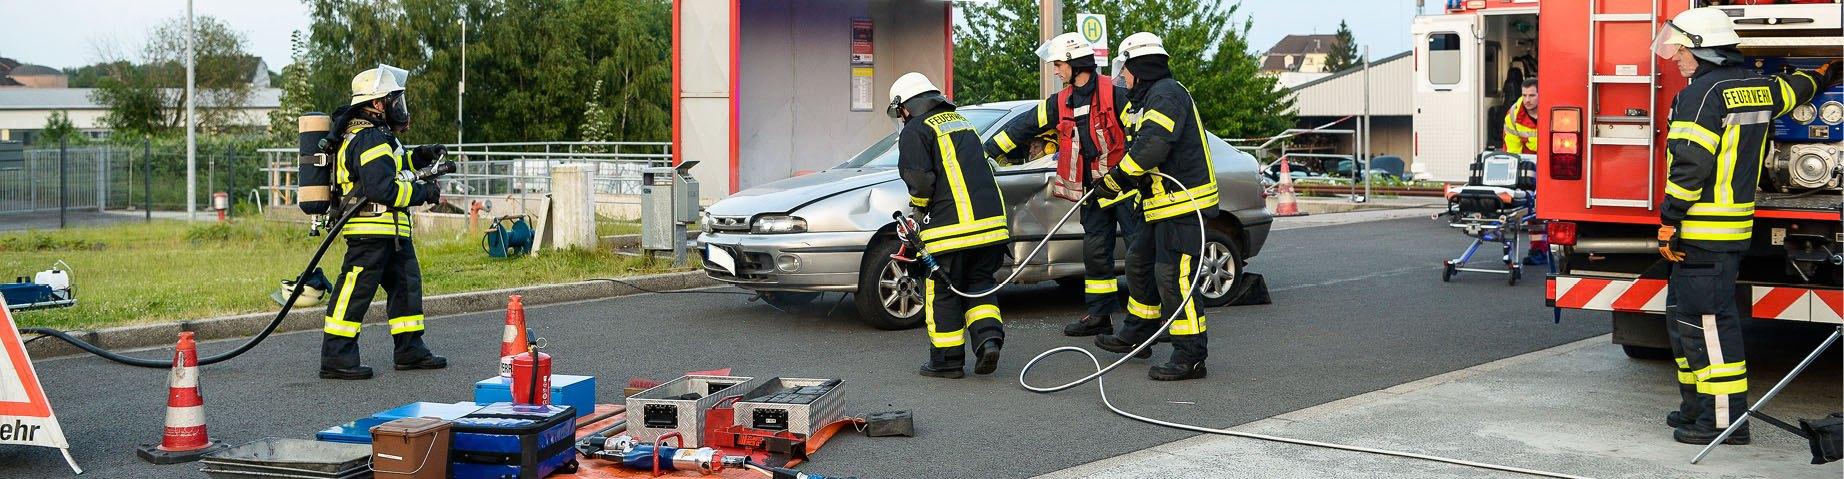 Die Freiwillige Feuerwehr bei einem Unfallschaden.